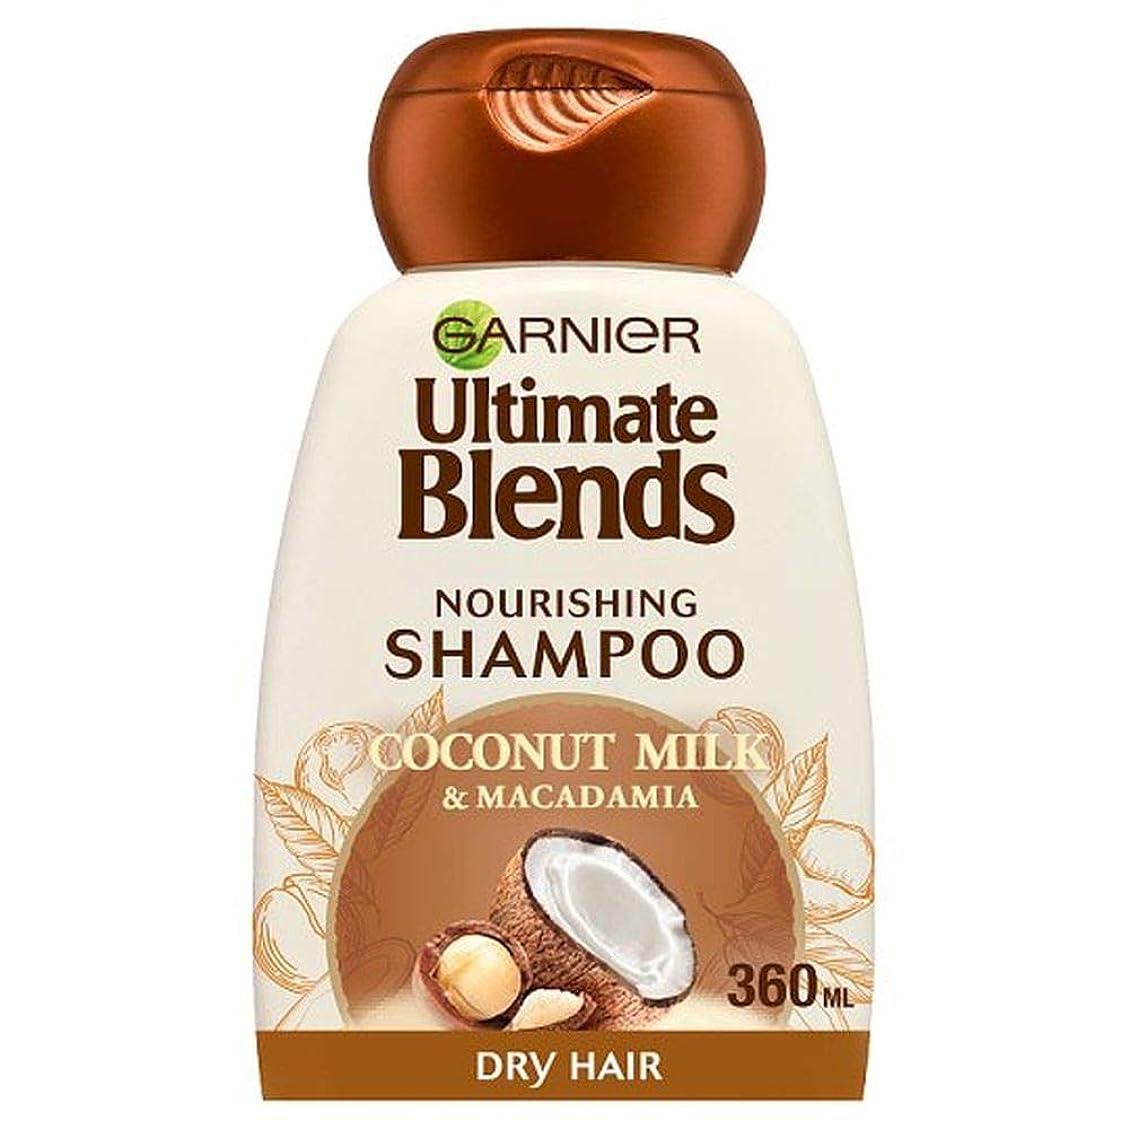 触覚自明懸念[Garnier ] ガルニエ究極のブレンドココナッツミルクシャンプー乾いた髪の360ミリリットル - Garnier Ultimate Blends Coconut Milk Shampoo Dry Hair 360Ml [並行輸入品]